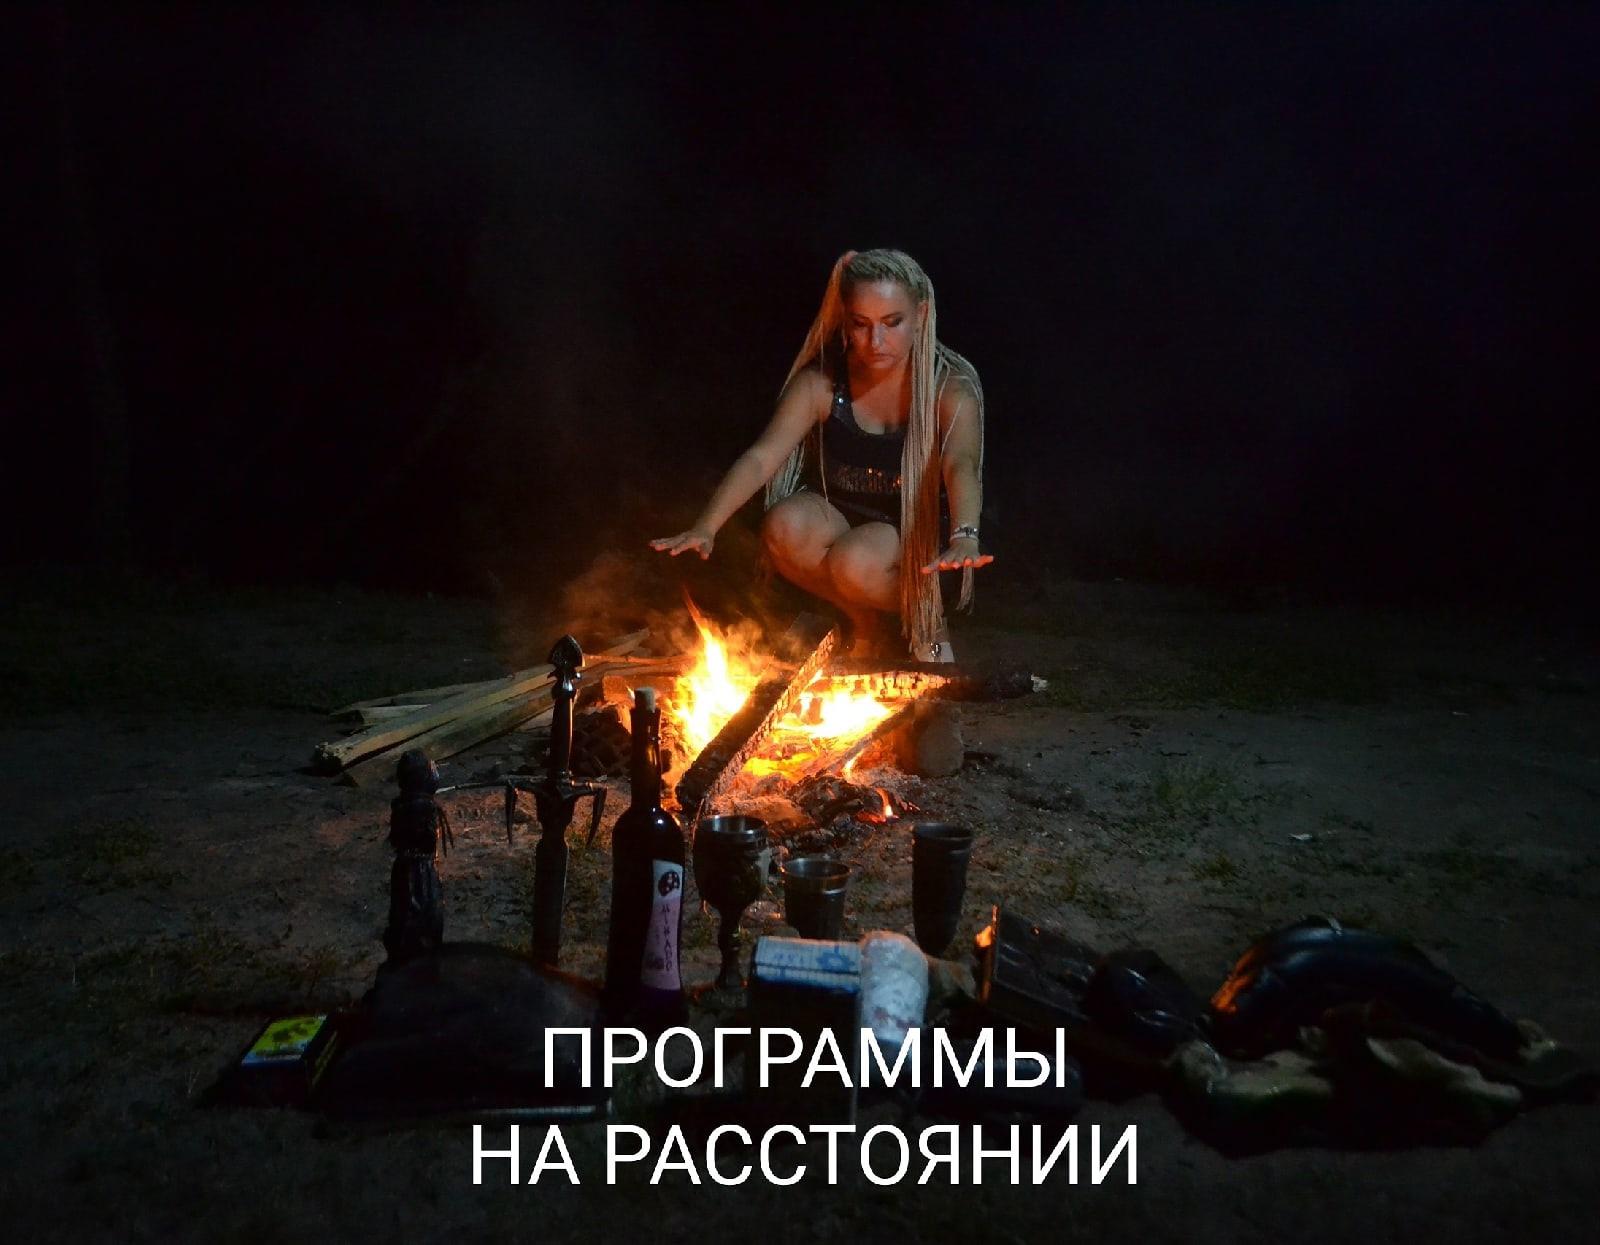 Программы от Елены Руденко - Страница 4 ZwJ1BqC8Ldg